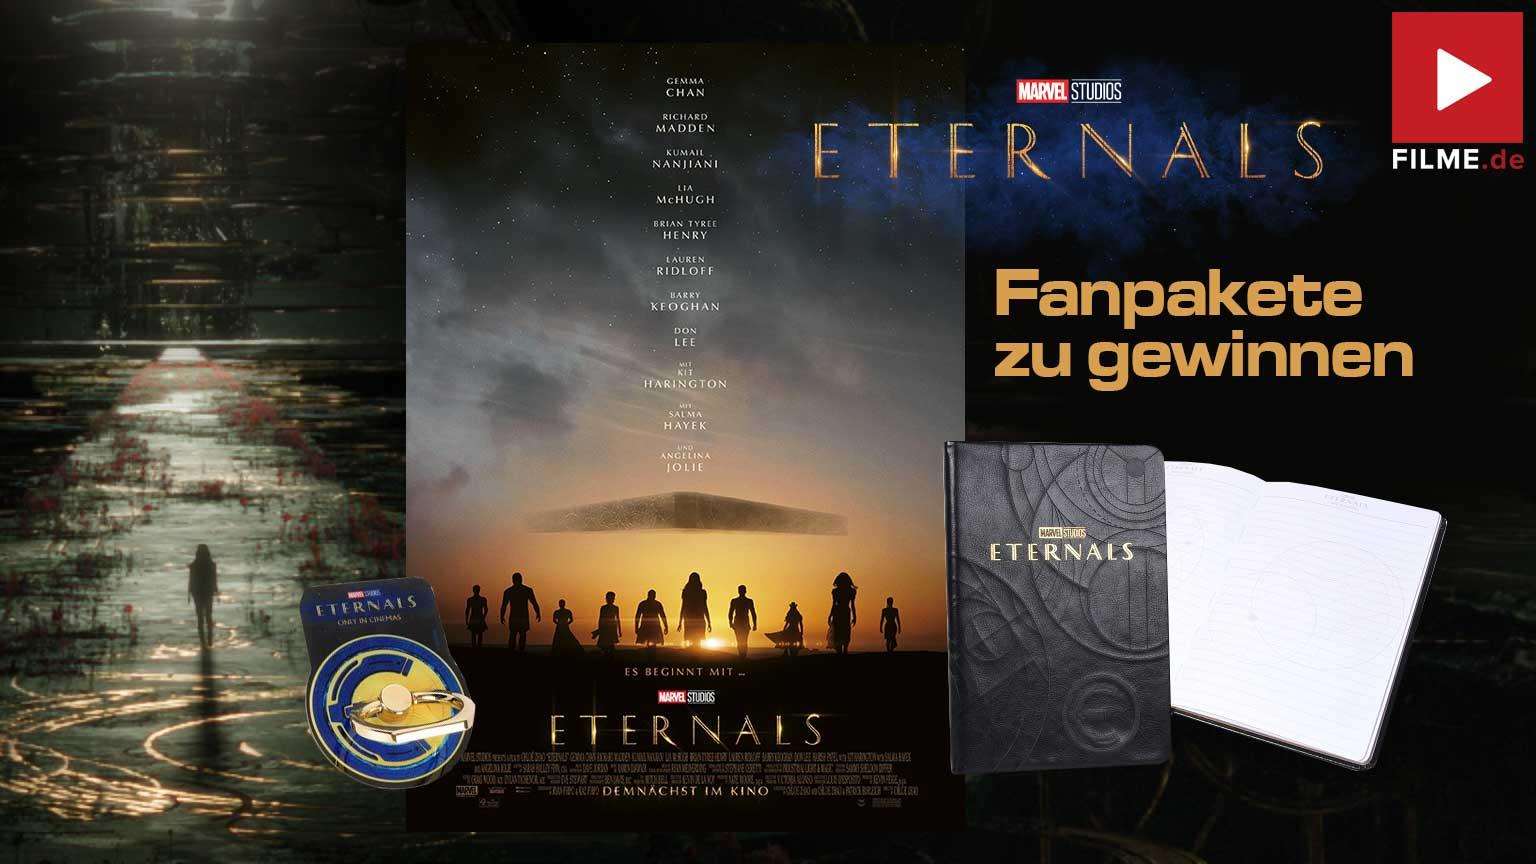 ETERNALS Gewinnspiel gewinnen Film 2021 Fanpakete Artikelbild